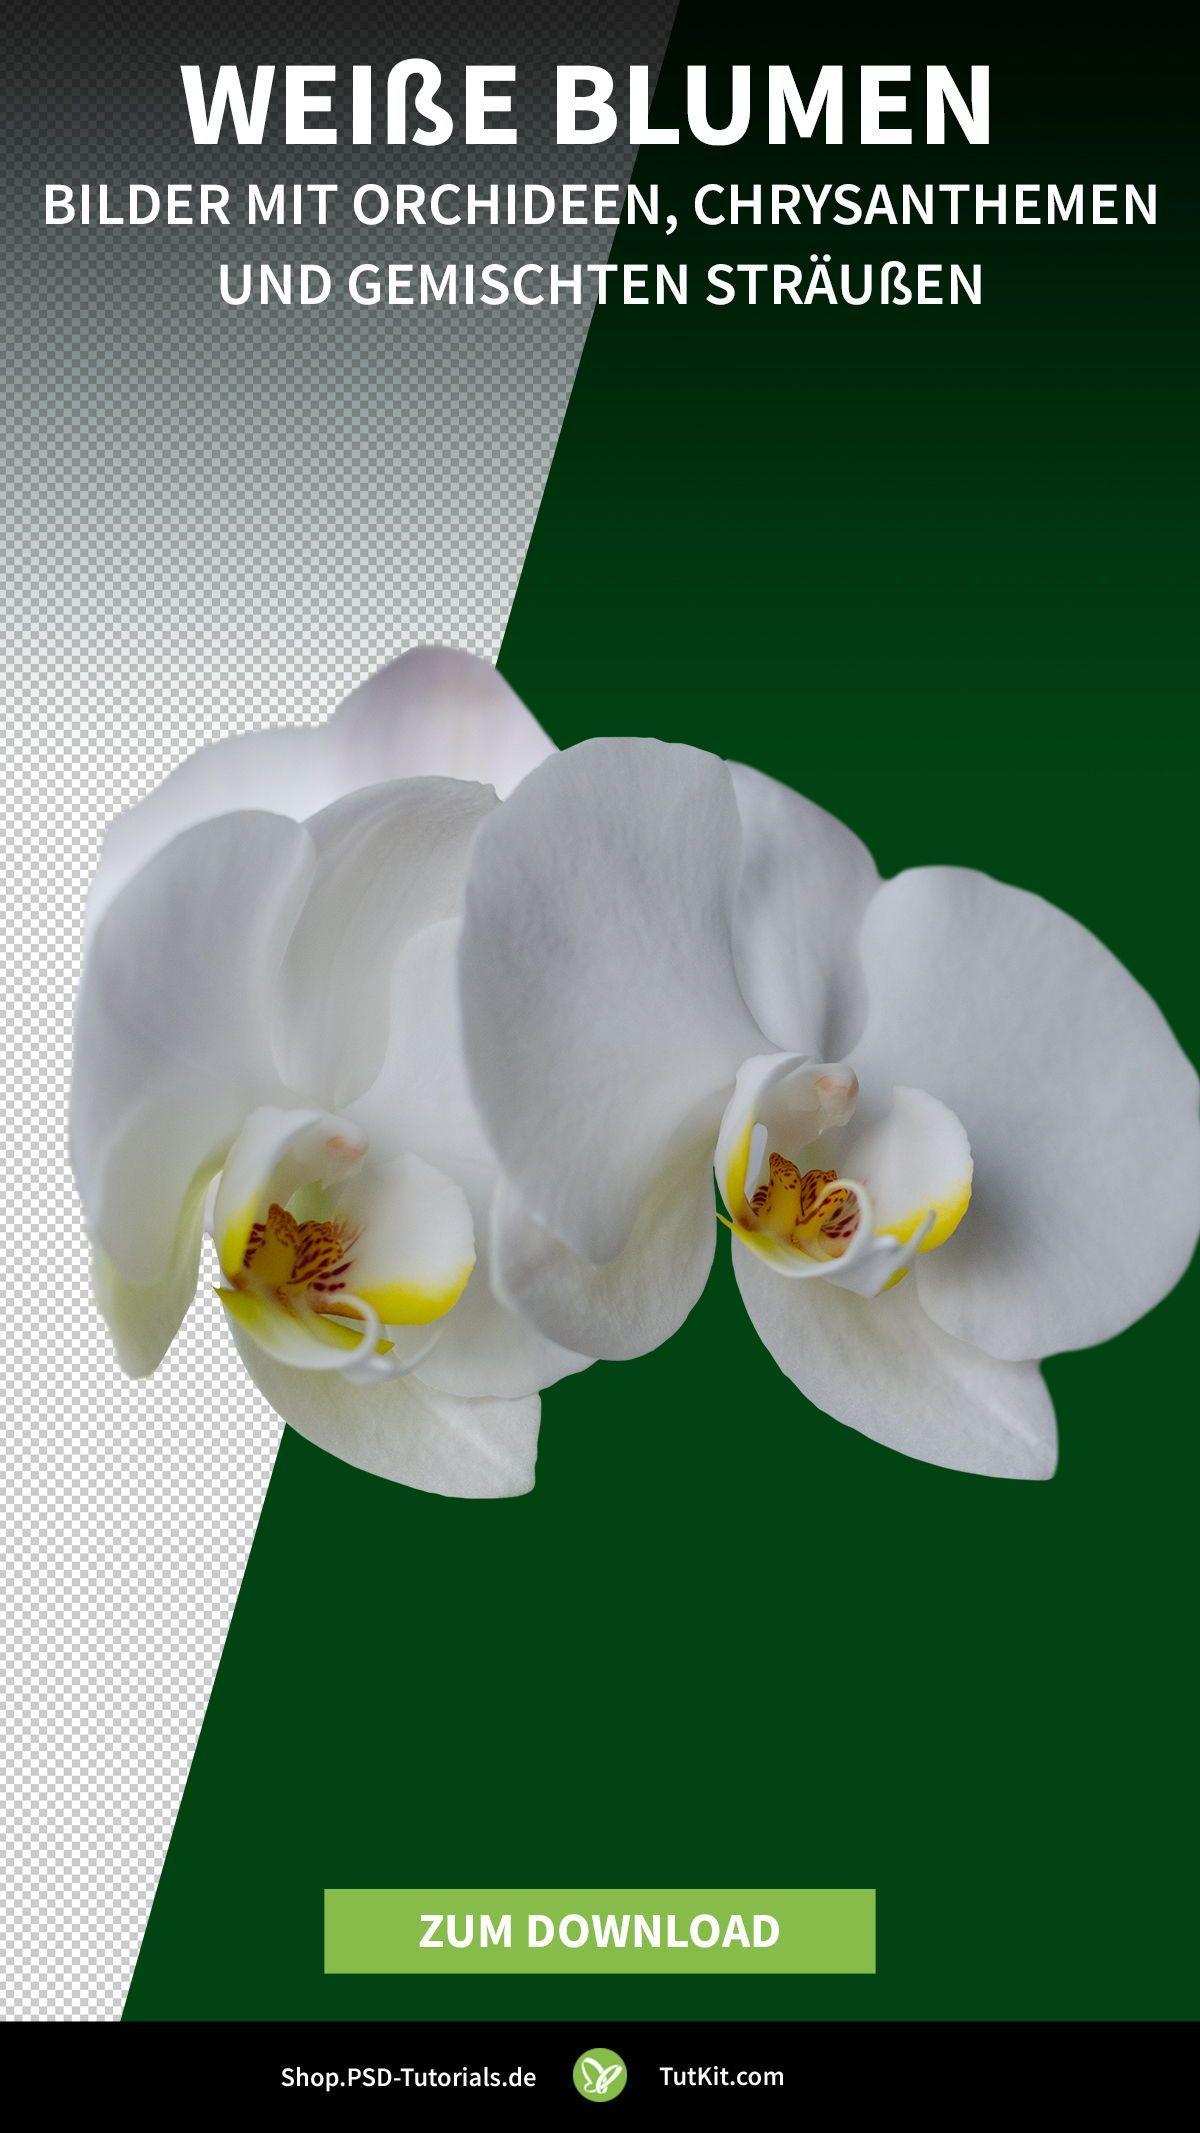 Du erhältst jeweils 10 Bilder mit Orchideen und Chrysanthemen. Dazu gesellen sich weitere 10 Aufnahmen von Sträußen mit weißen Hortensien, Pfingstrosen und Alstromerien. Die Blumenbilder eignen sich zum einen, um in deinen Fotos einzelne Blüten als Zusatzmotiv abzulegen. Zum anderen kannst du damit florale Rahmen erzeugen. #Blume #Orchideen #Chrysanthemen #Flower